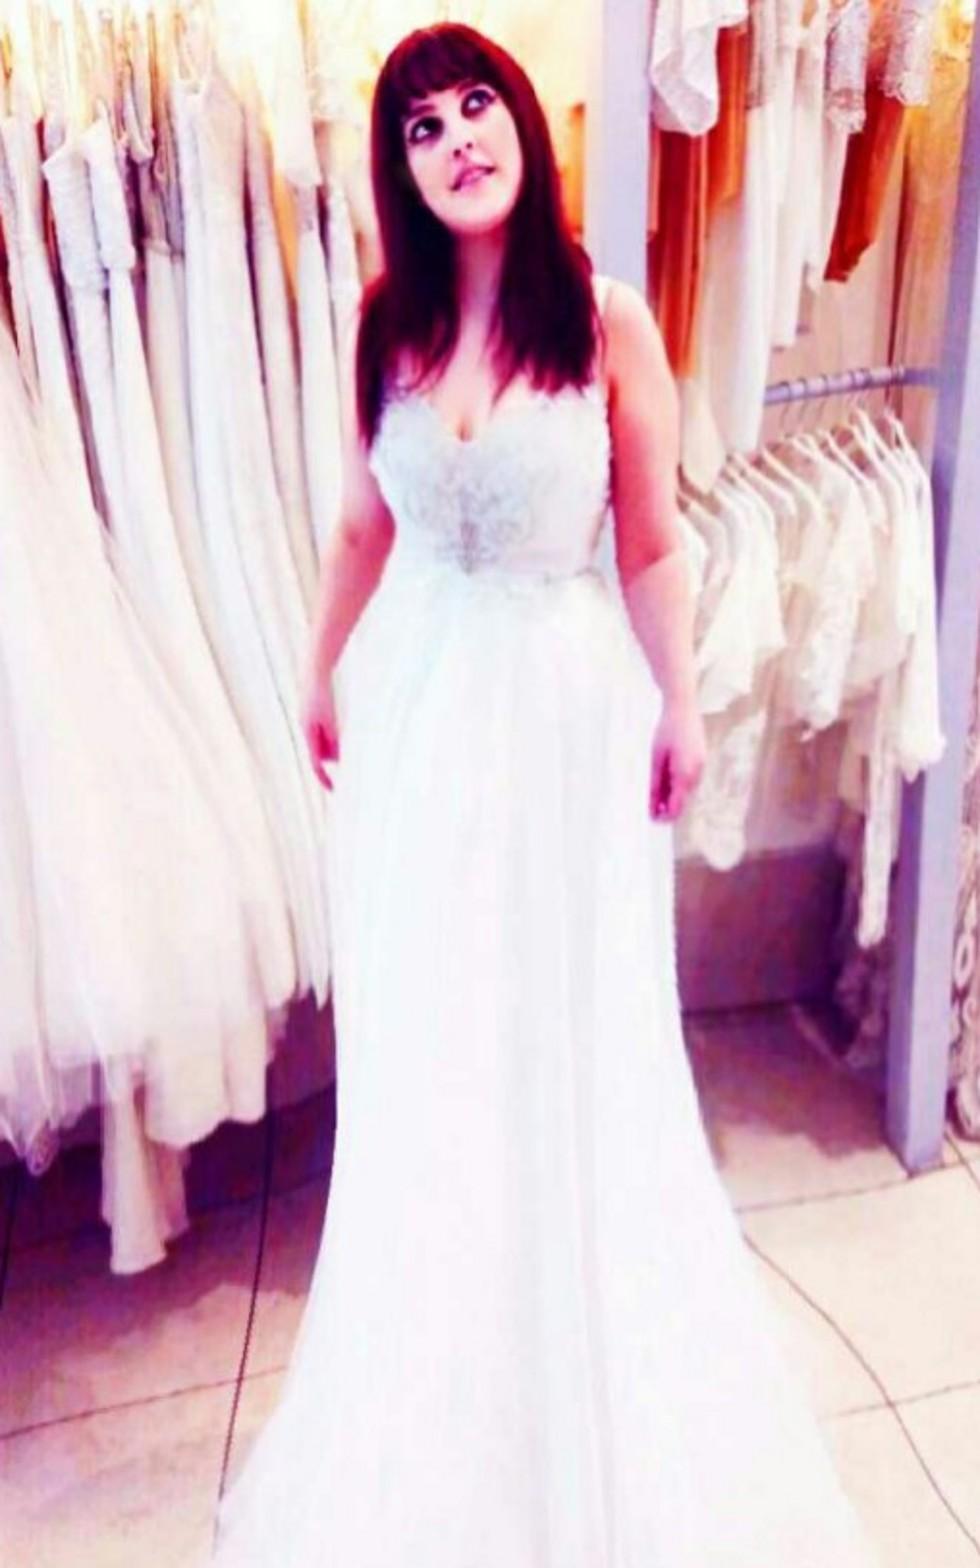 פייר? שמלה מושלמת (צילום: מאיה בניטה מרקס, עיצוב שמלת כלה: יעקב דוק)